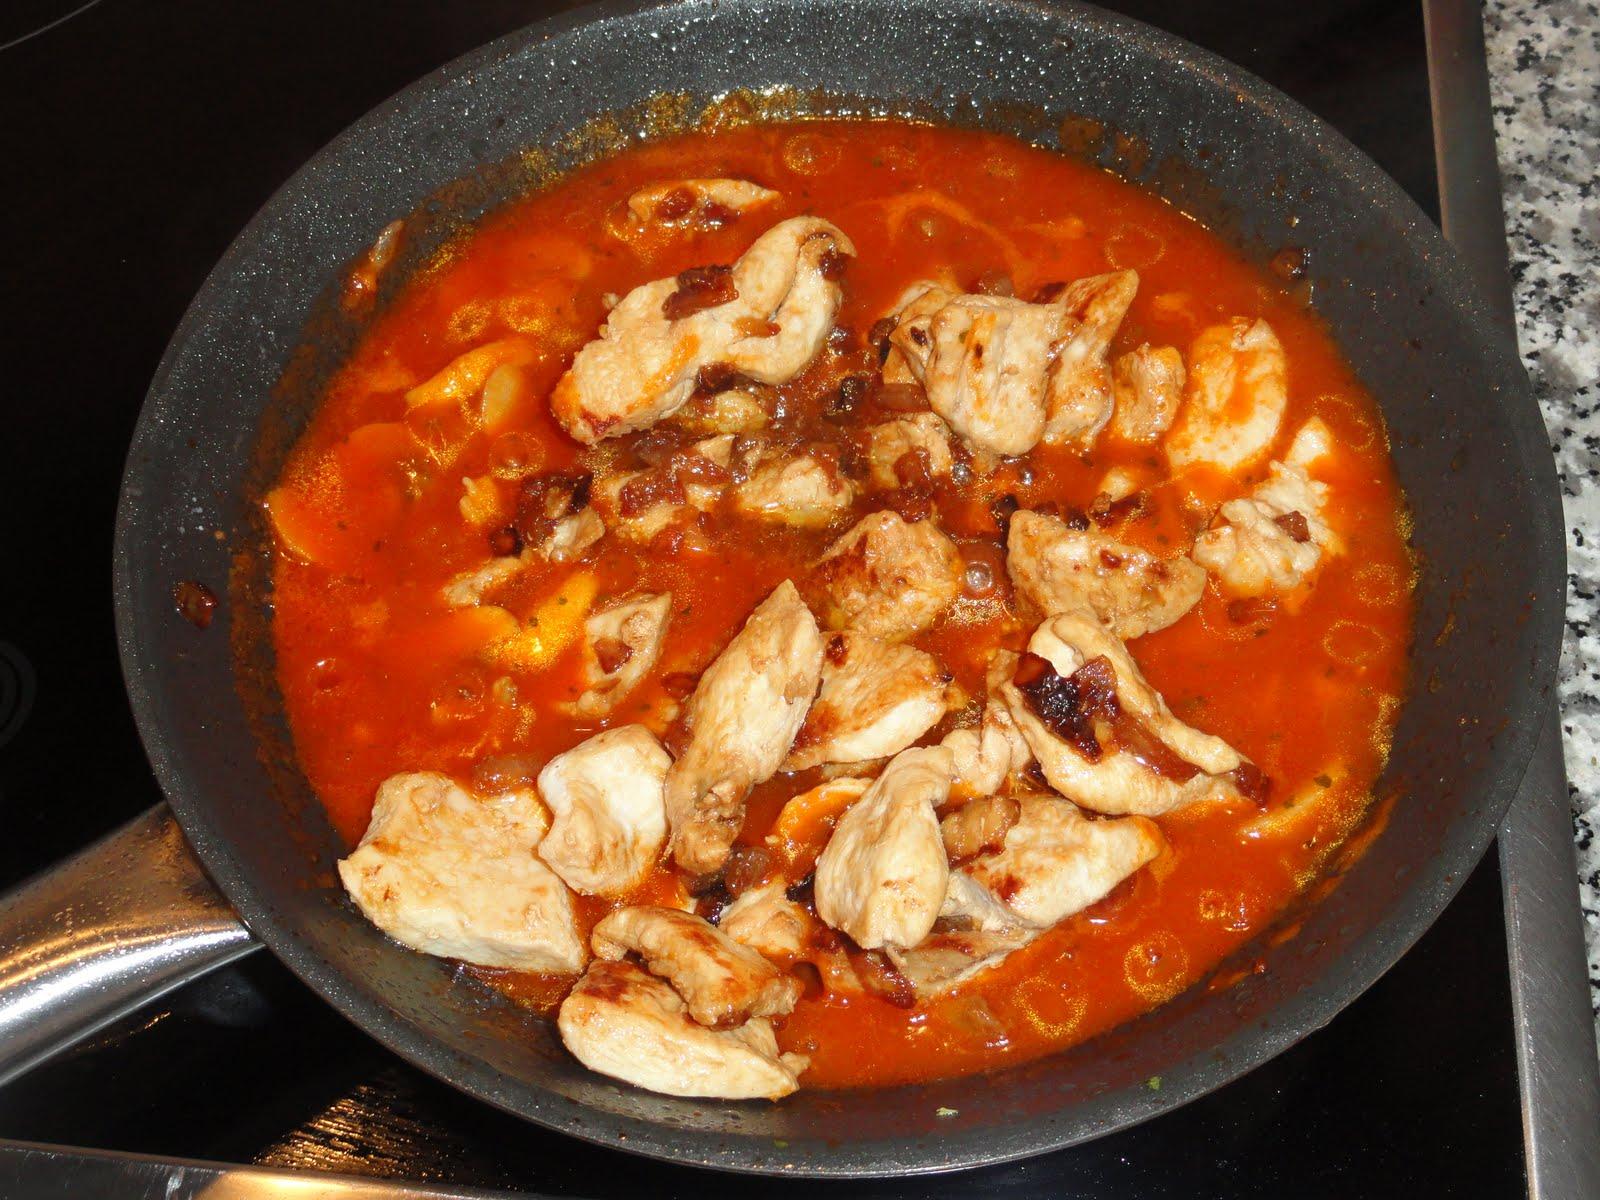 Estoy cocinando pechuga de pollo en salsa de tomate y - Pechuga d pollo en salsa ...